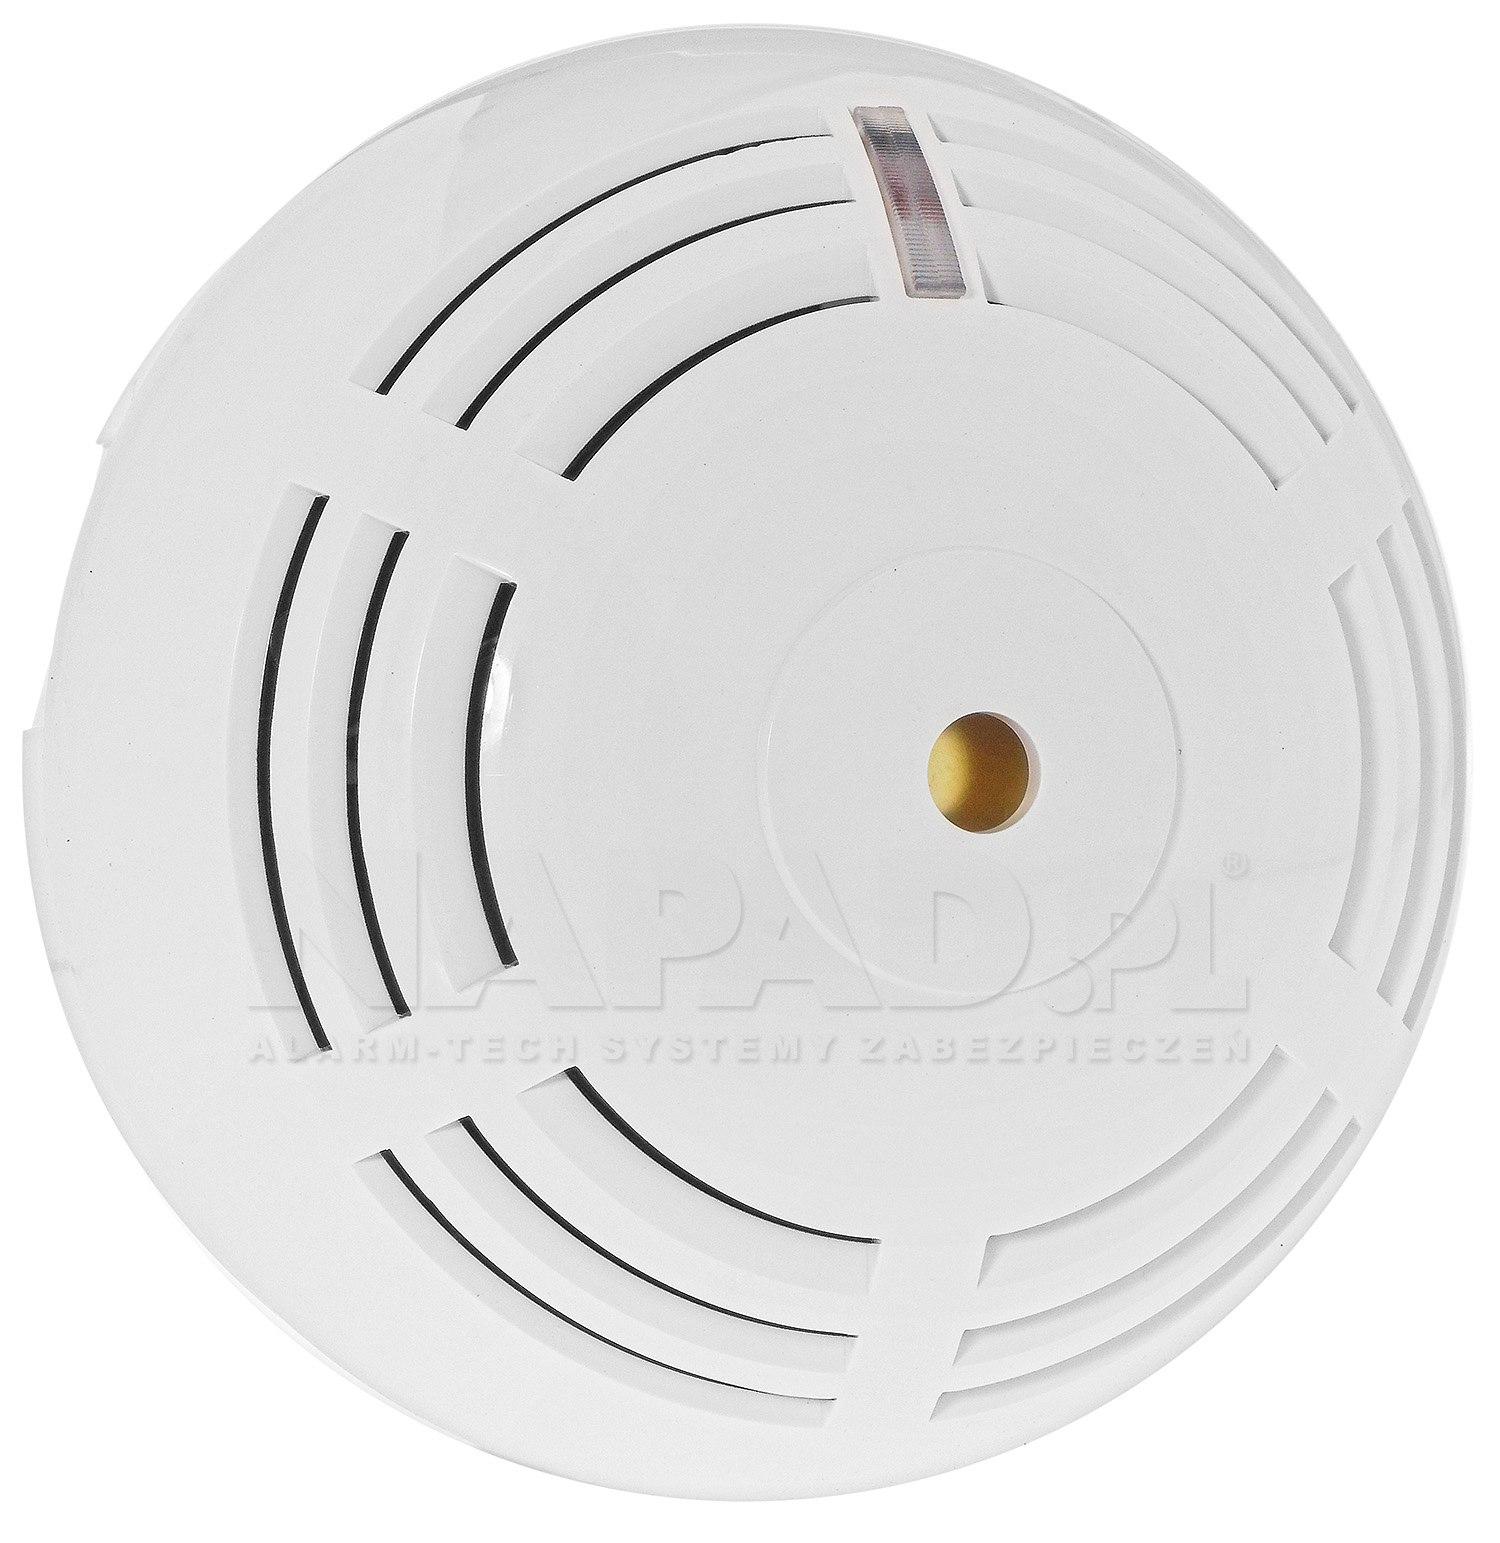 Bezprzewodowa czujka dymu ASD-250